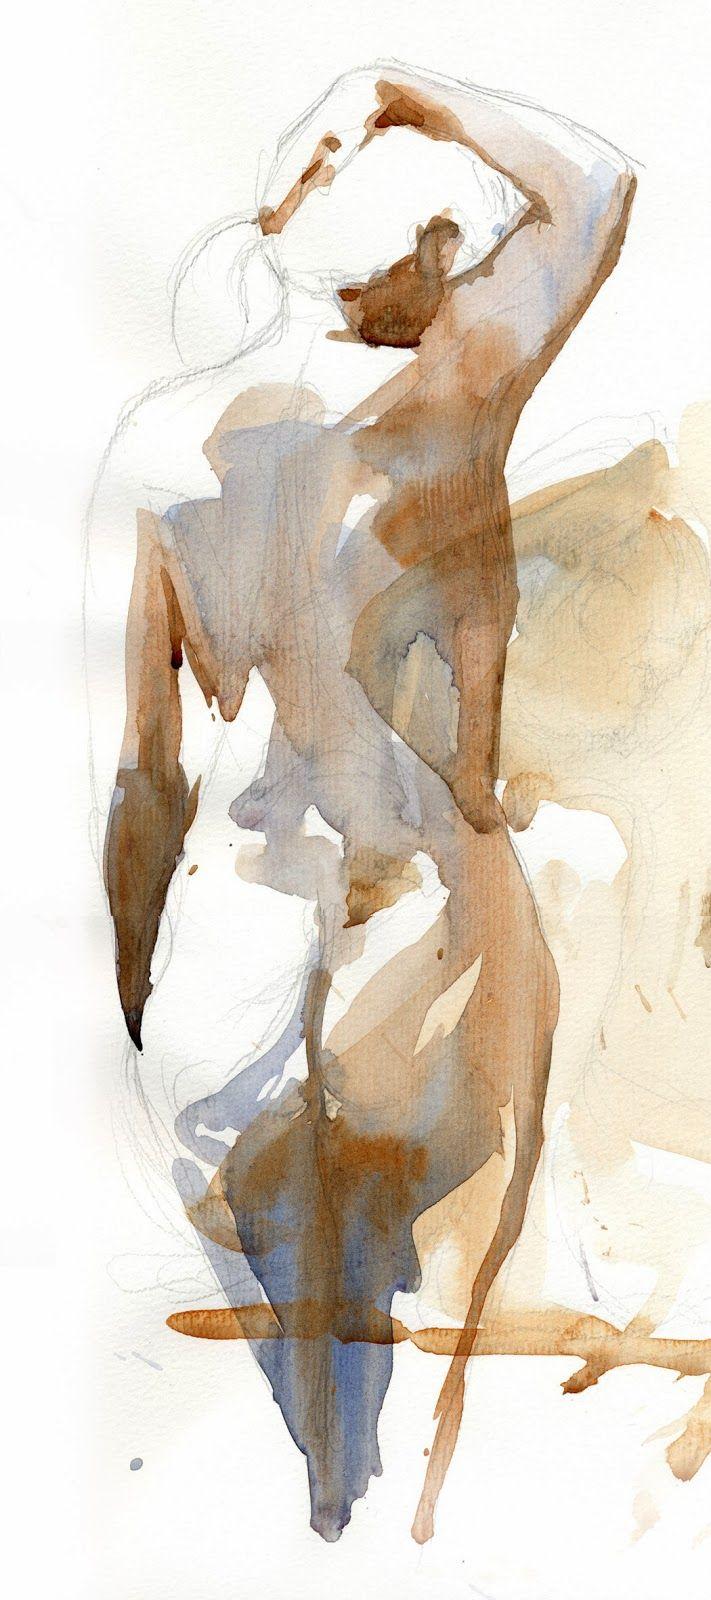 Helen Ström: Figures in watercolor